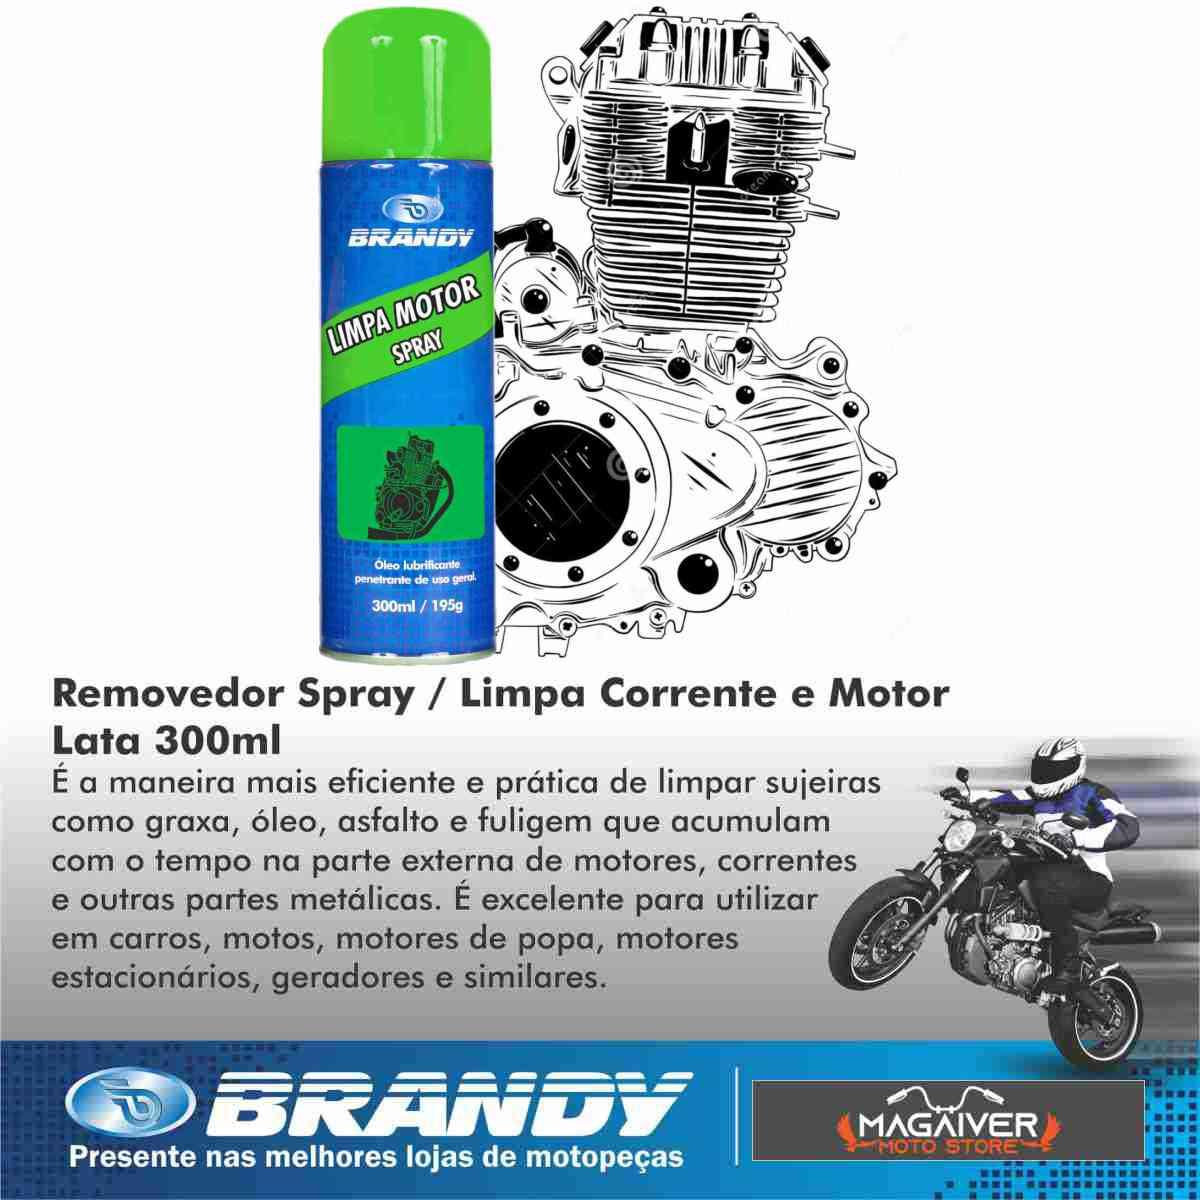 KIT 1 GRAXA MOTO SPRAY + 1 LIMPADOR CORRENTE E MOTOR + 1 DESENGRIPANTE + 1 REPARADOR PNEU FURADO